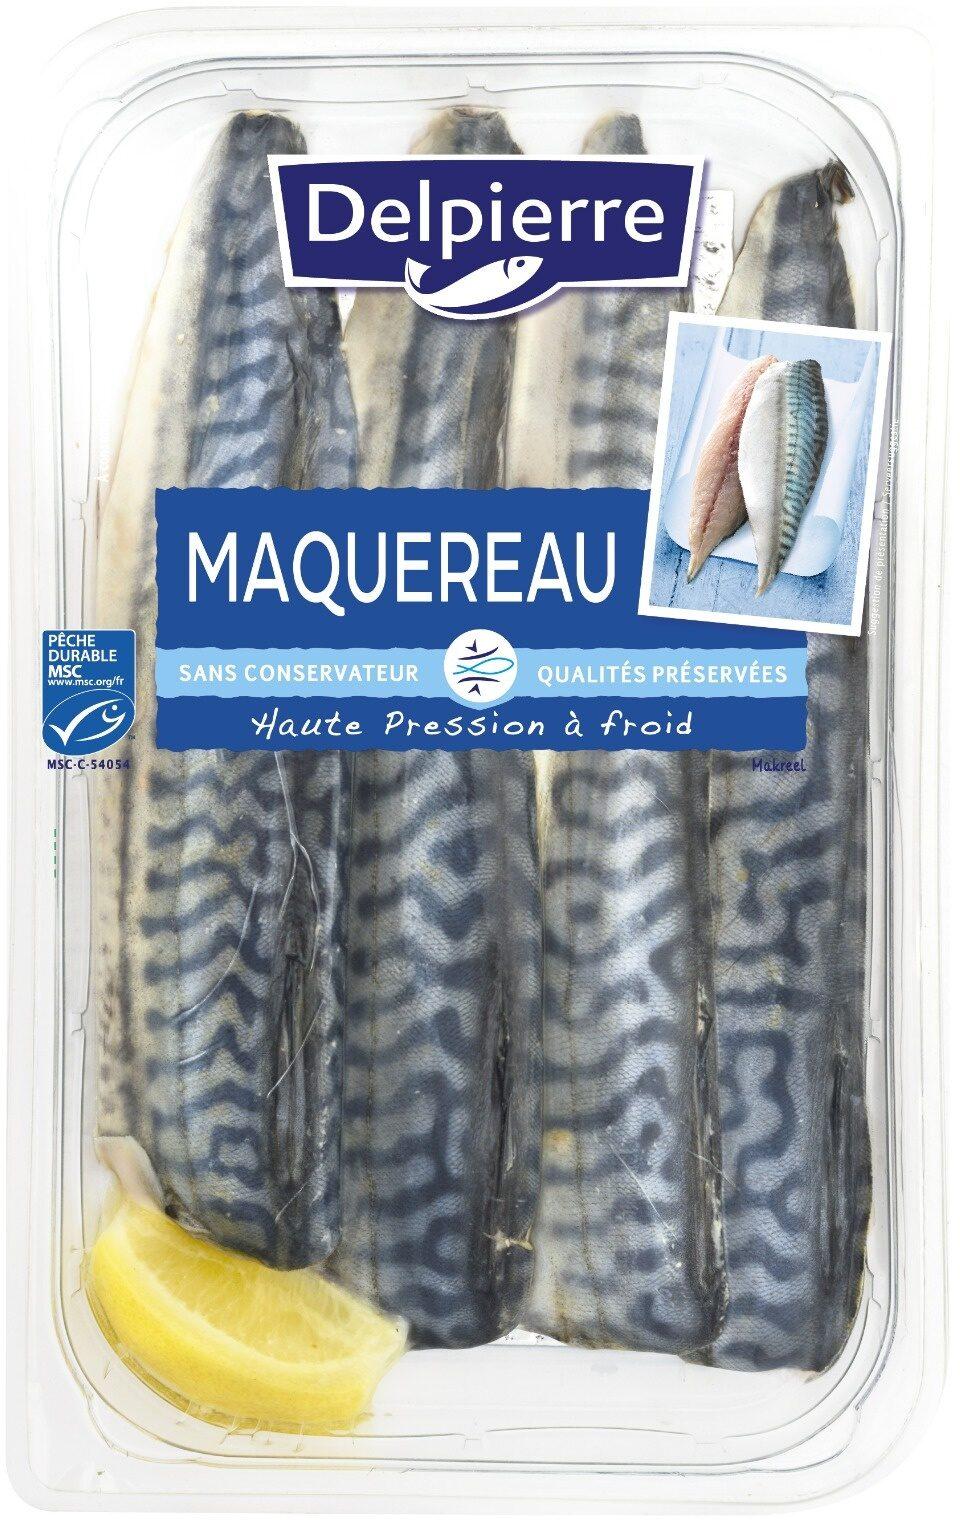 Filets de maquereaux Delpierre - Produit - fr